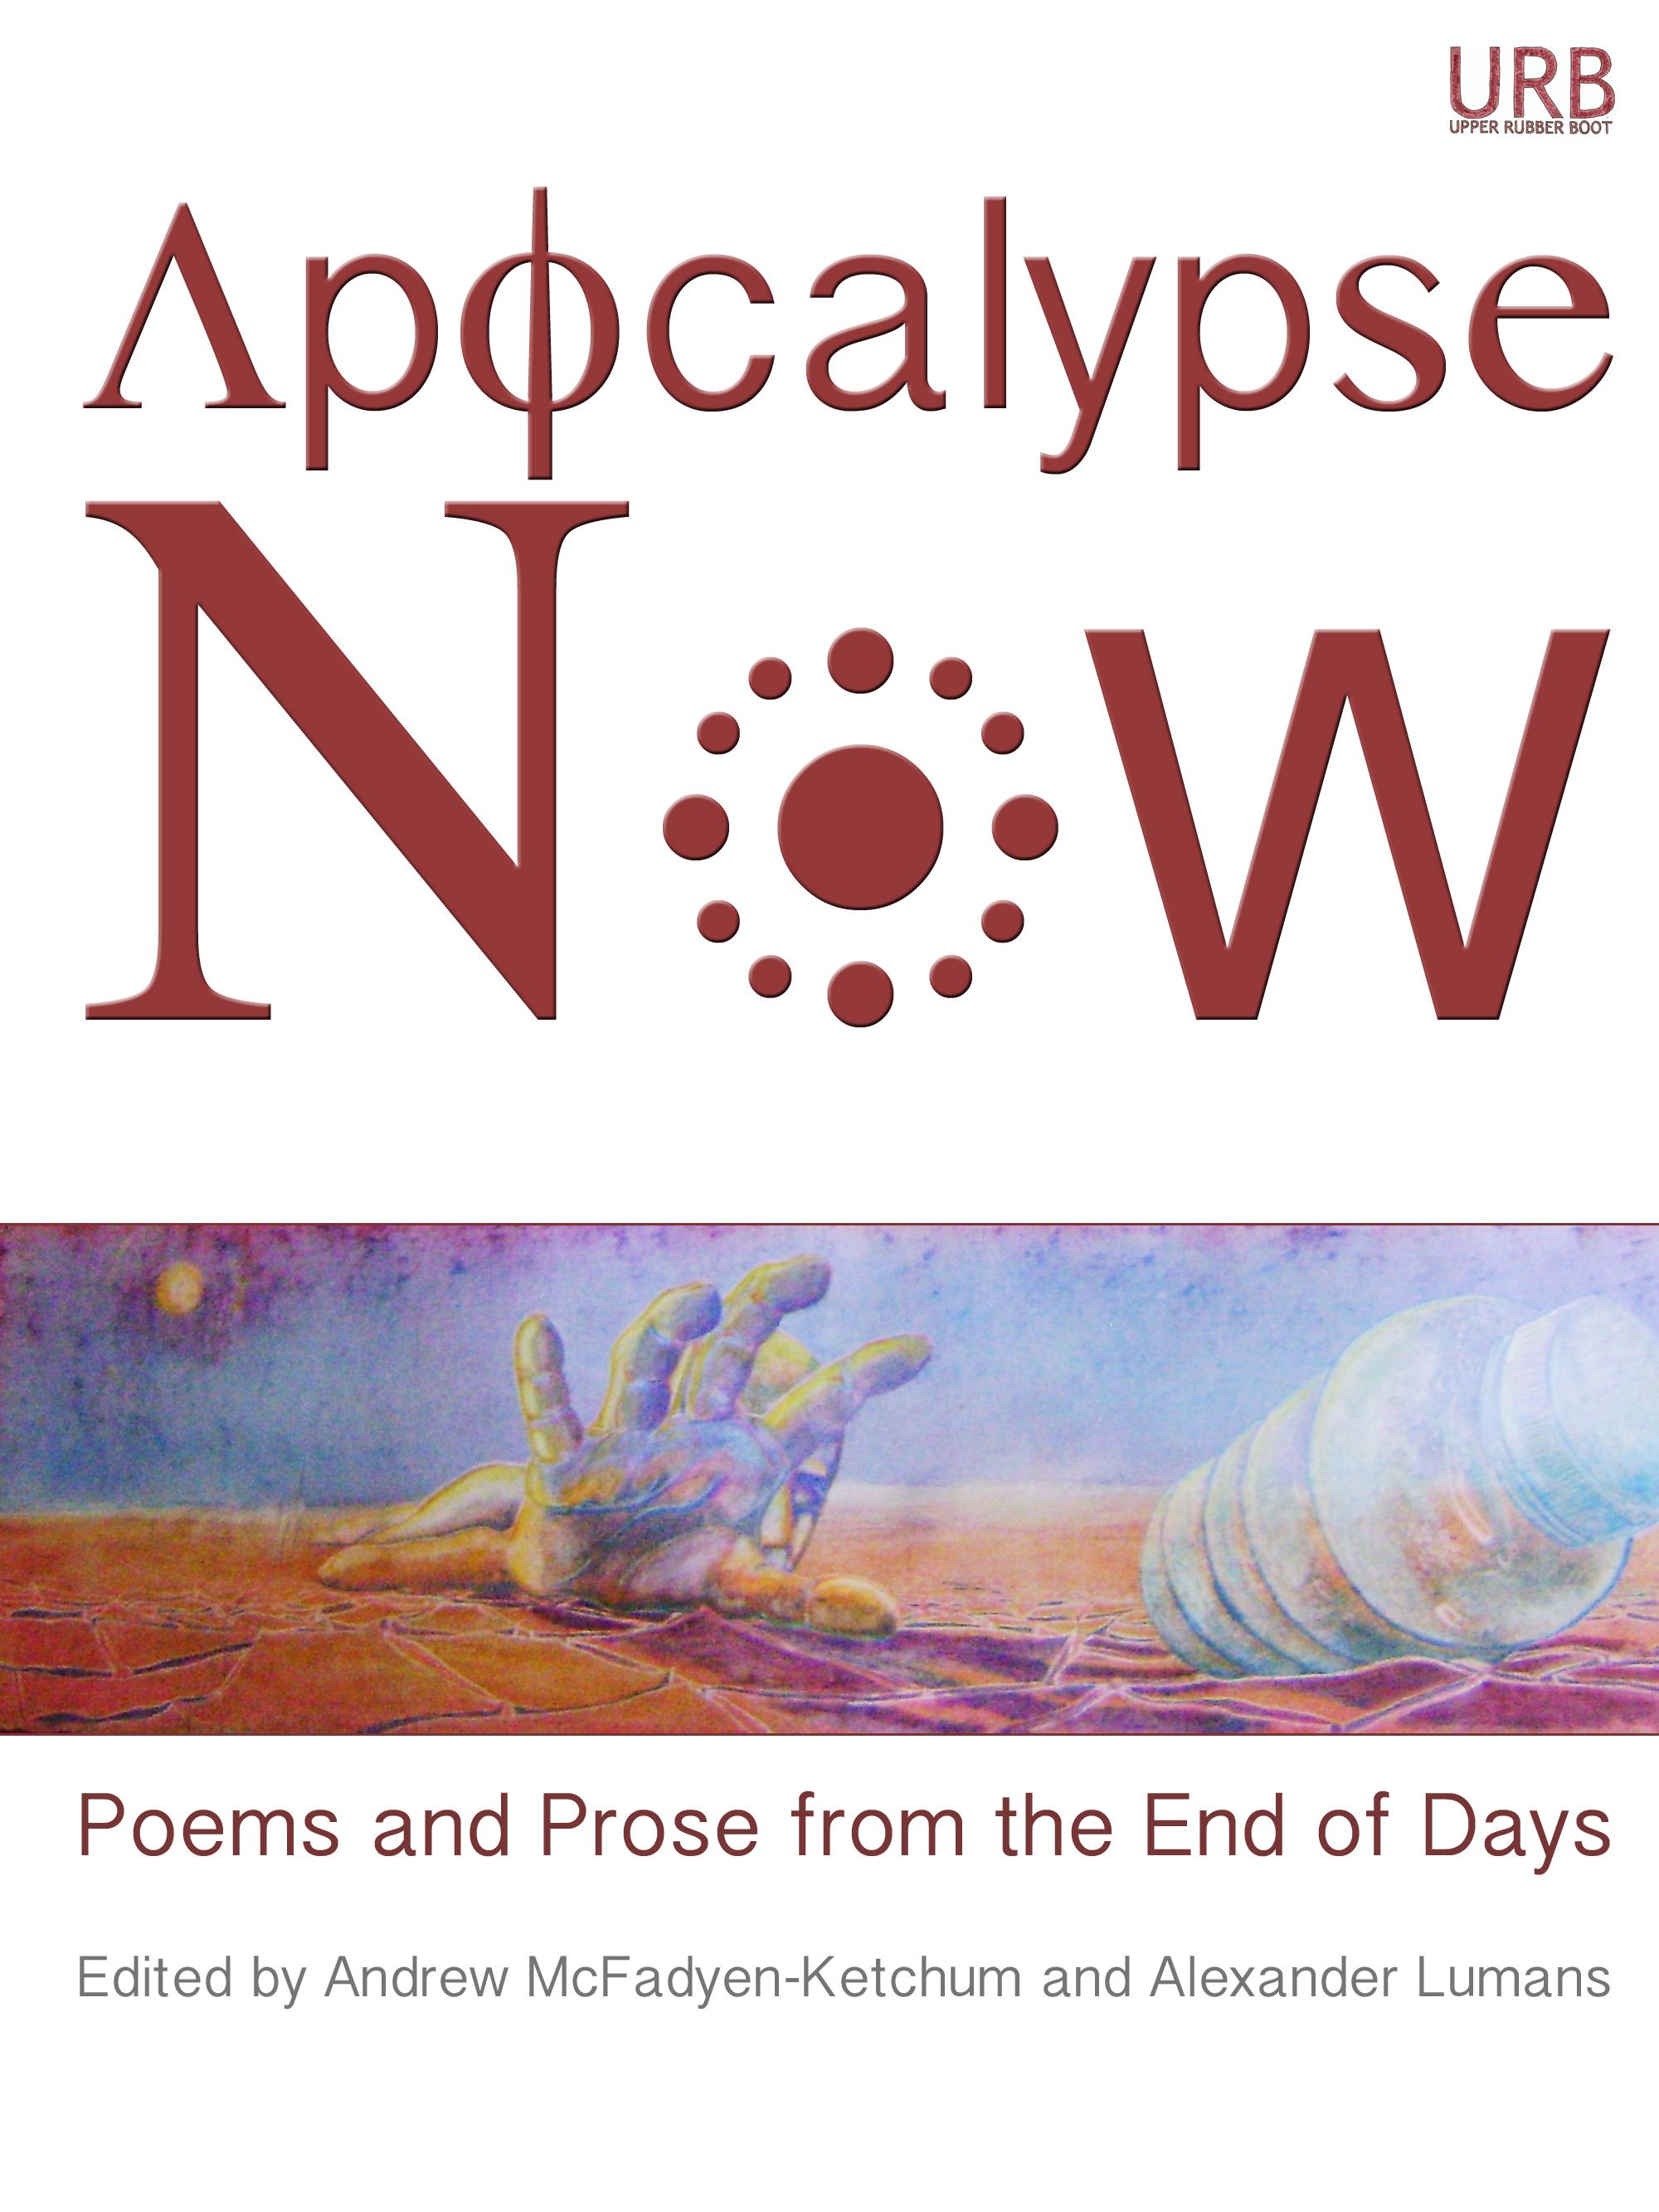 Apocalypse now upper rubber boot books isbn fandeluxe Gallery